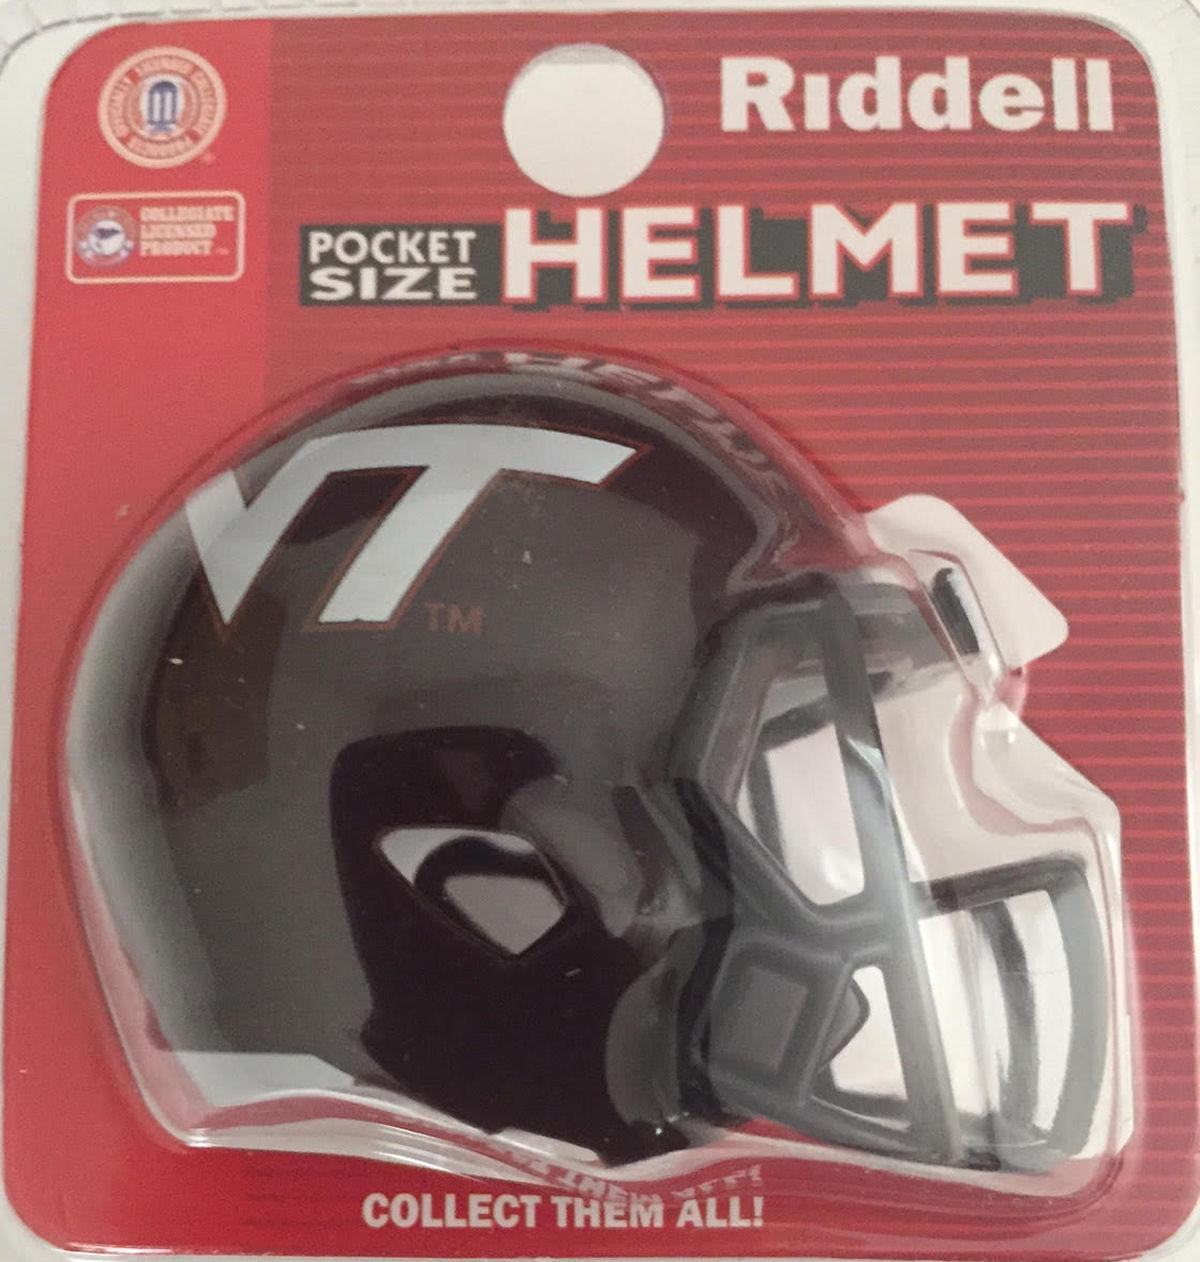 Virginia Tech Hokies Pocket Pro Riddell